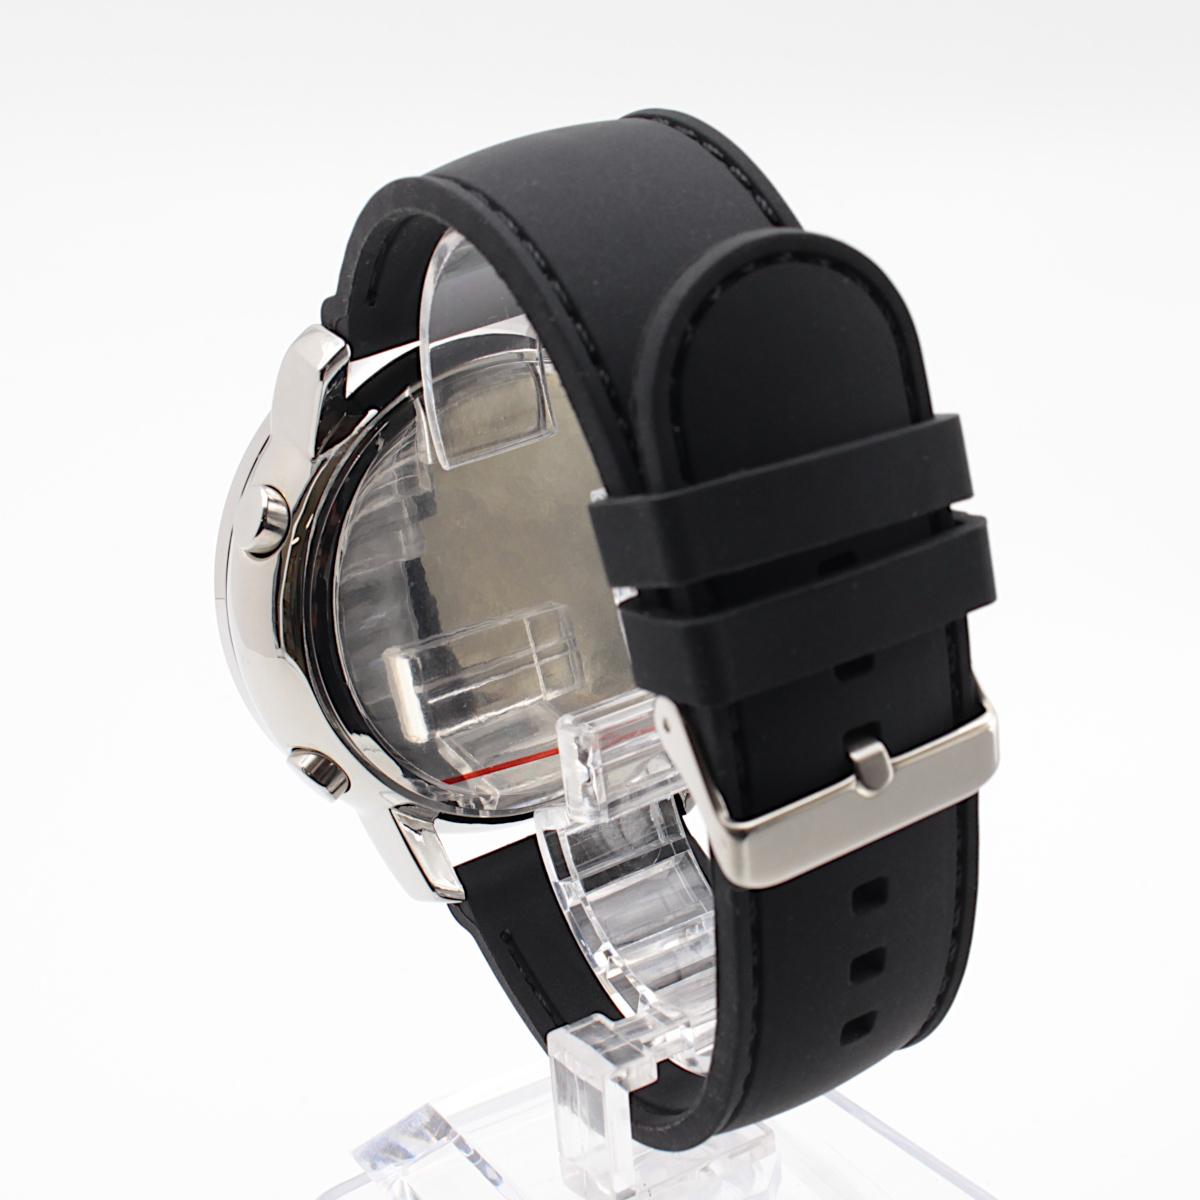 【1円開始】画面がでかくて見やすい!! 目に優しい腕時計! 今の腕時計が小さすぎて不満がある方必見!DWG WATCH メンズ 腕時計 / N0660_画像4